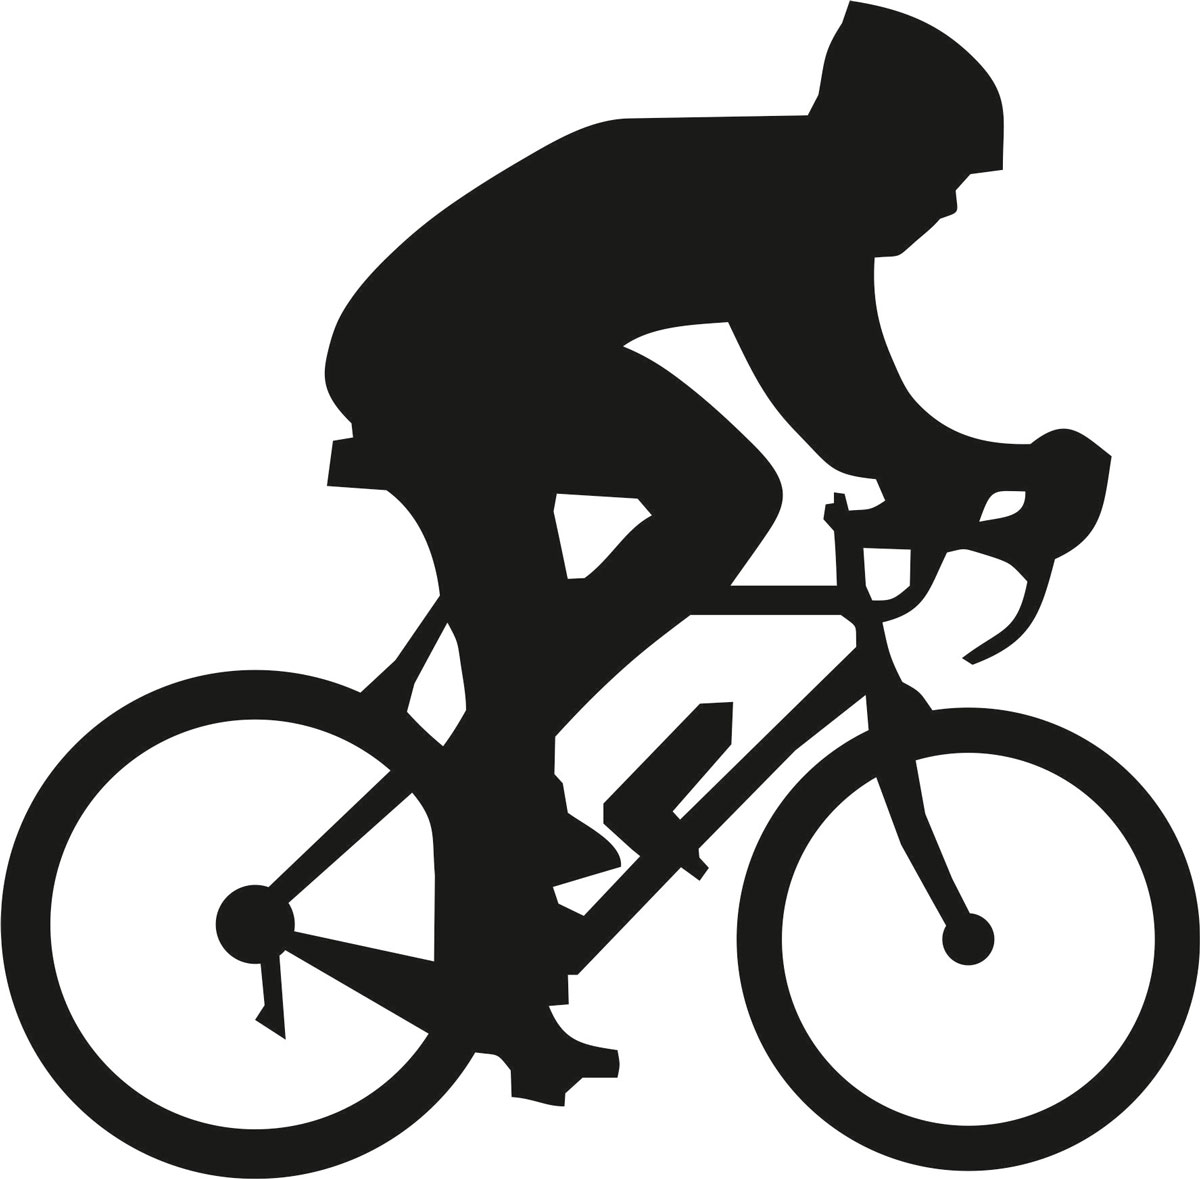 Наклейка автомобильная Оранжевый слоник Велосипедист 1, виниловая, цвет: черныйCA-3505Оригинальная наклейка Оранжевый слоник Велосипедист 1 изготовлена из высококачественного винила, который выполняет не только декоративную функцию, но и защищает кузов от небольших механических повреждений, либо скрывает уже существующие.Виниловые наклейки на авто - это не только красиво, но еще и быстро! Всего за несколько минут вы можете полностью преобразить свой автомобиль, сделать его ярким, необычным, особенным и неповторимым!